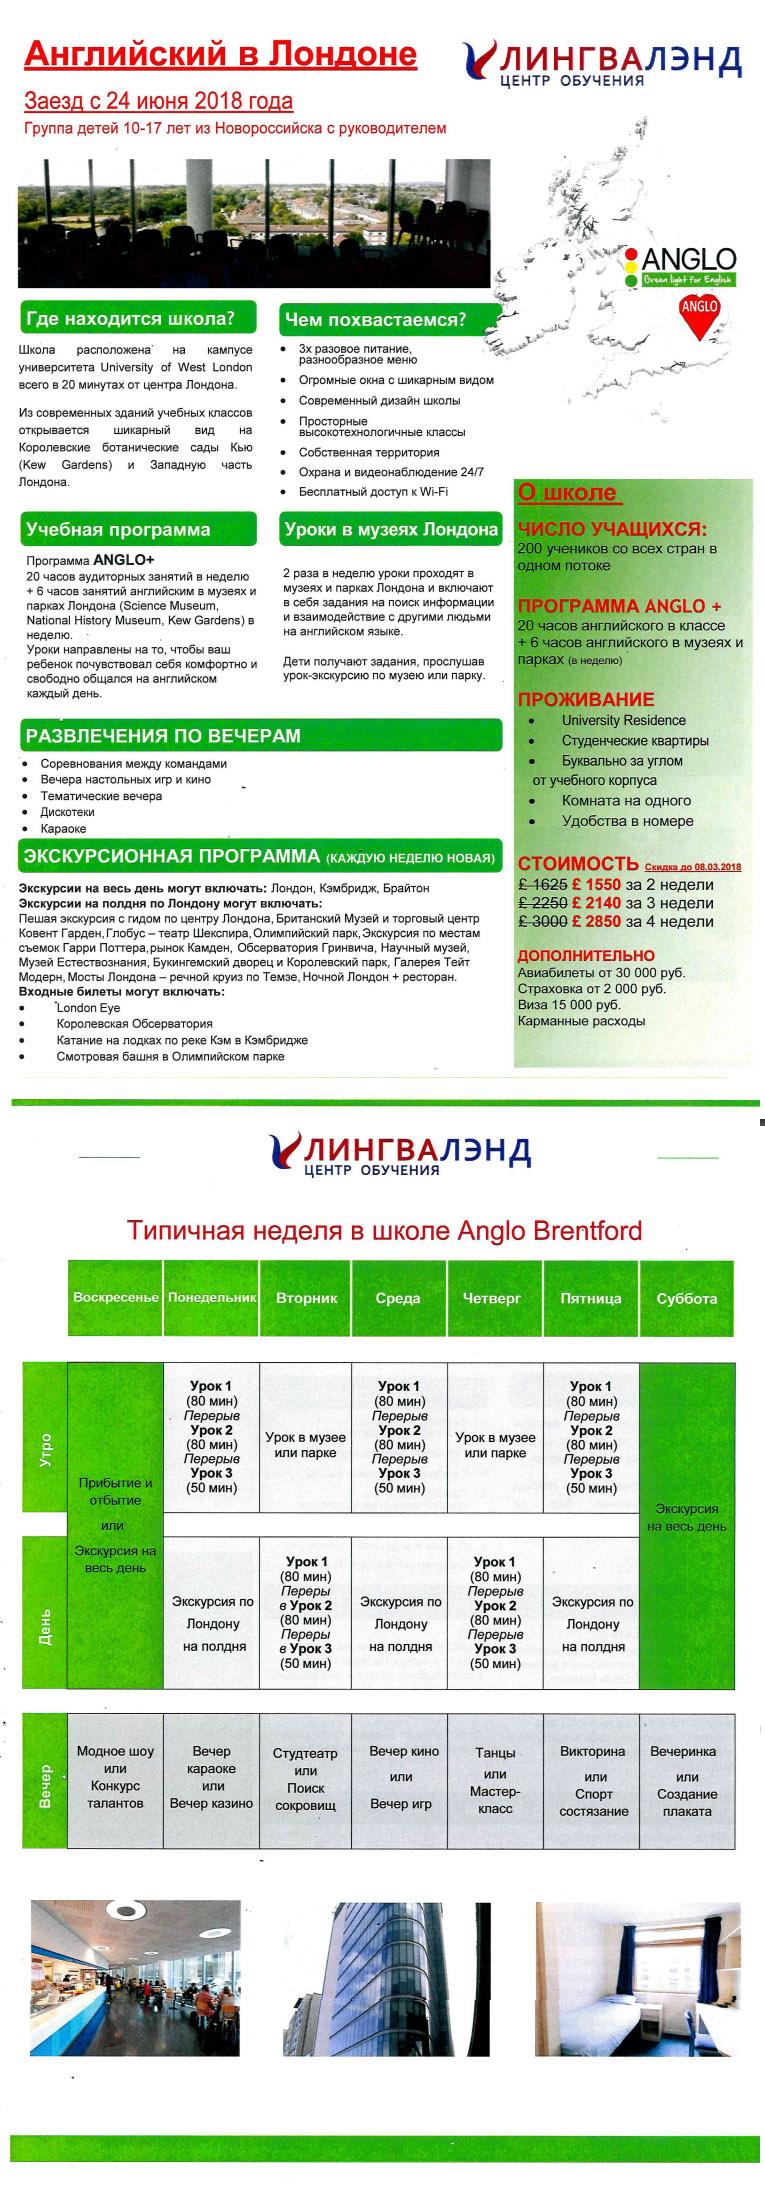 АНГЛИЙСКИЙ ЛАГЕРЬ В ПРАГЕ 2018, новороссийск, лингвалэнд обучение зарубежом